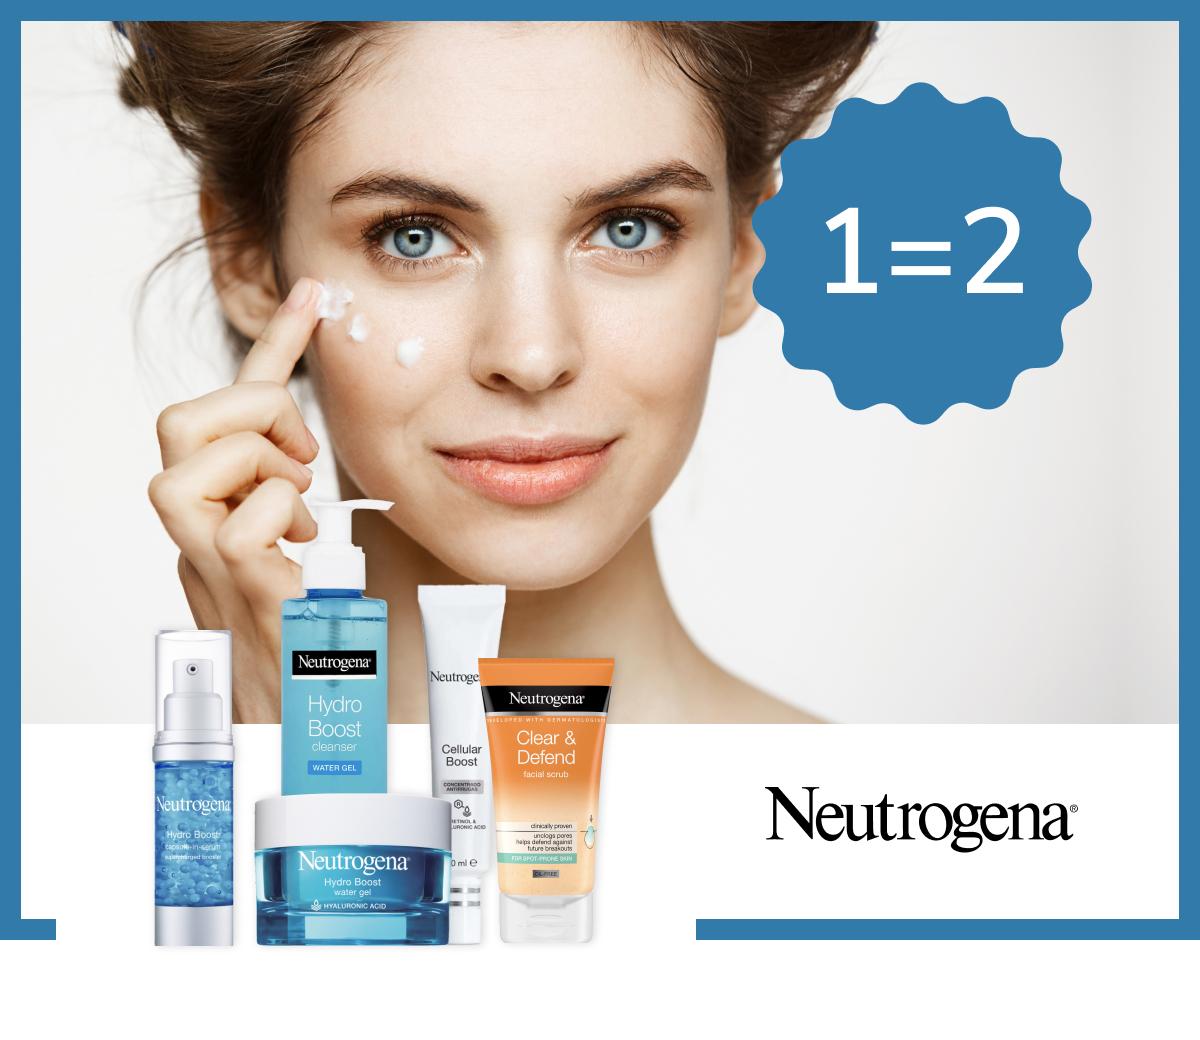 Neutrogena - Skincare